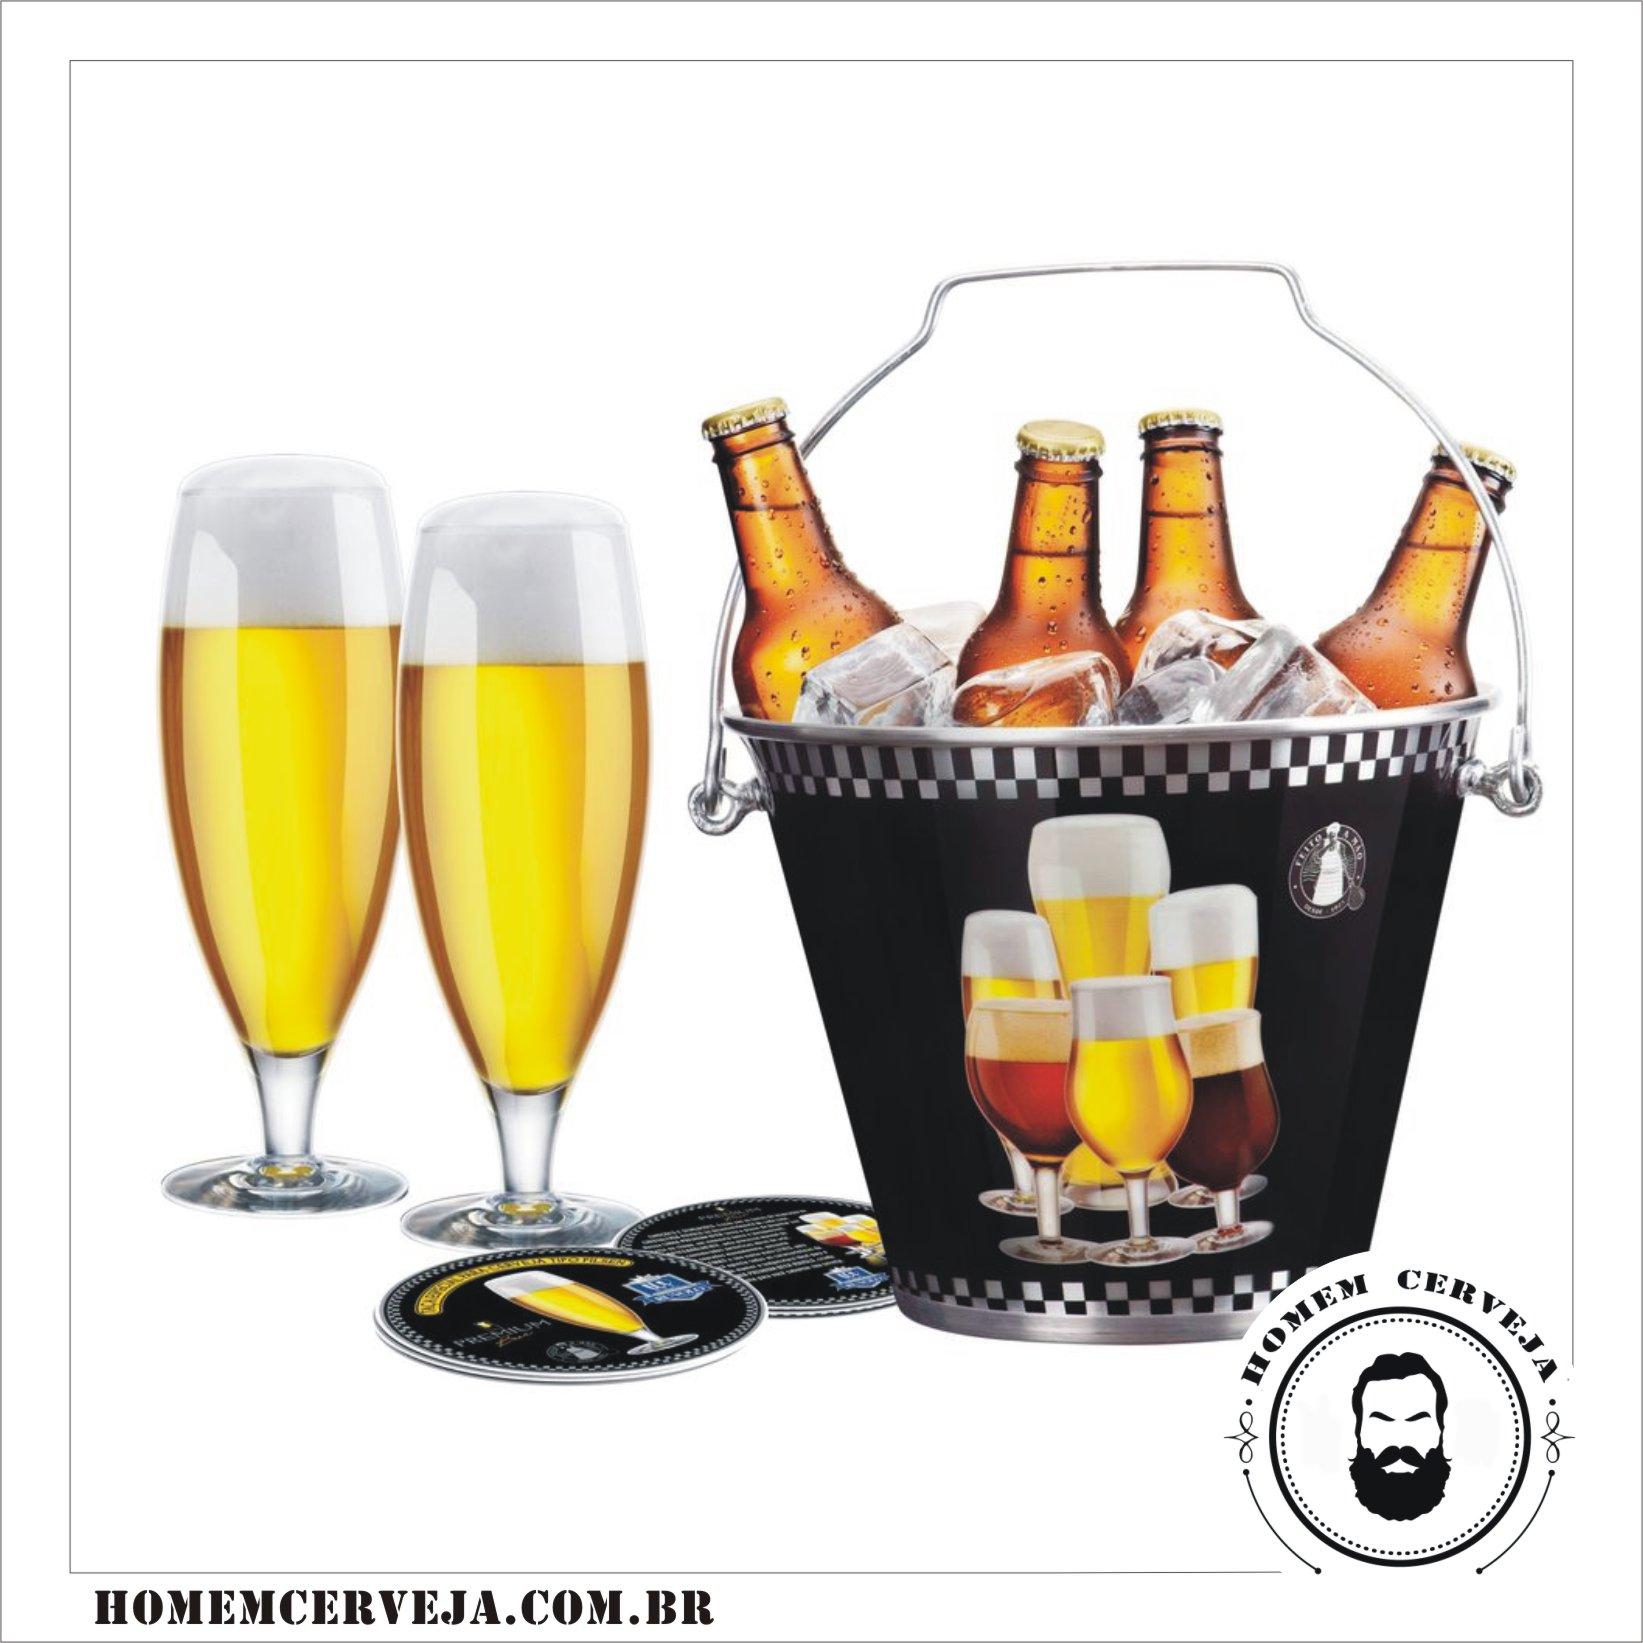 Famosos Desafio do Balde do Homem Cerveja. – Blog Homem Cerveja LR86